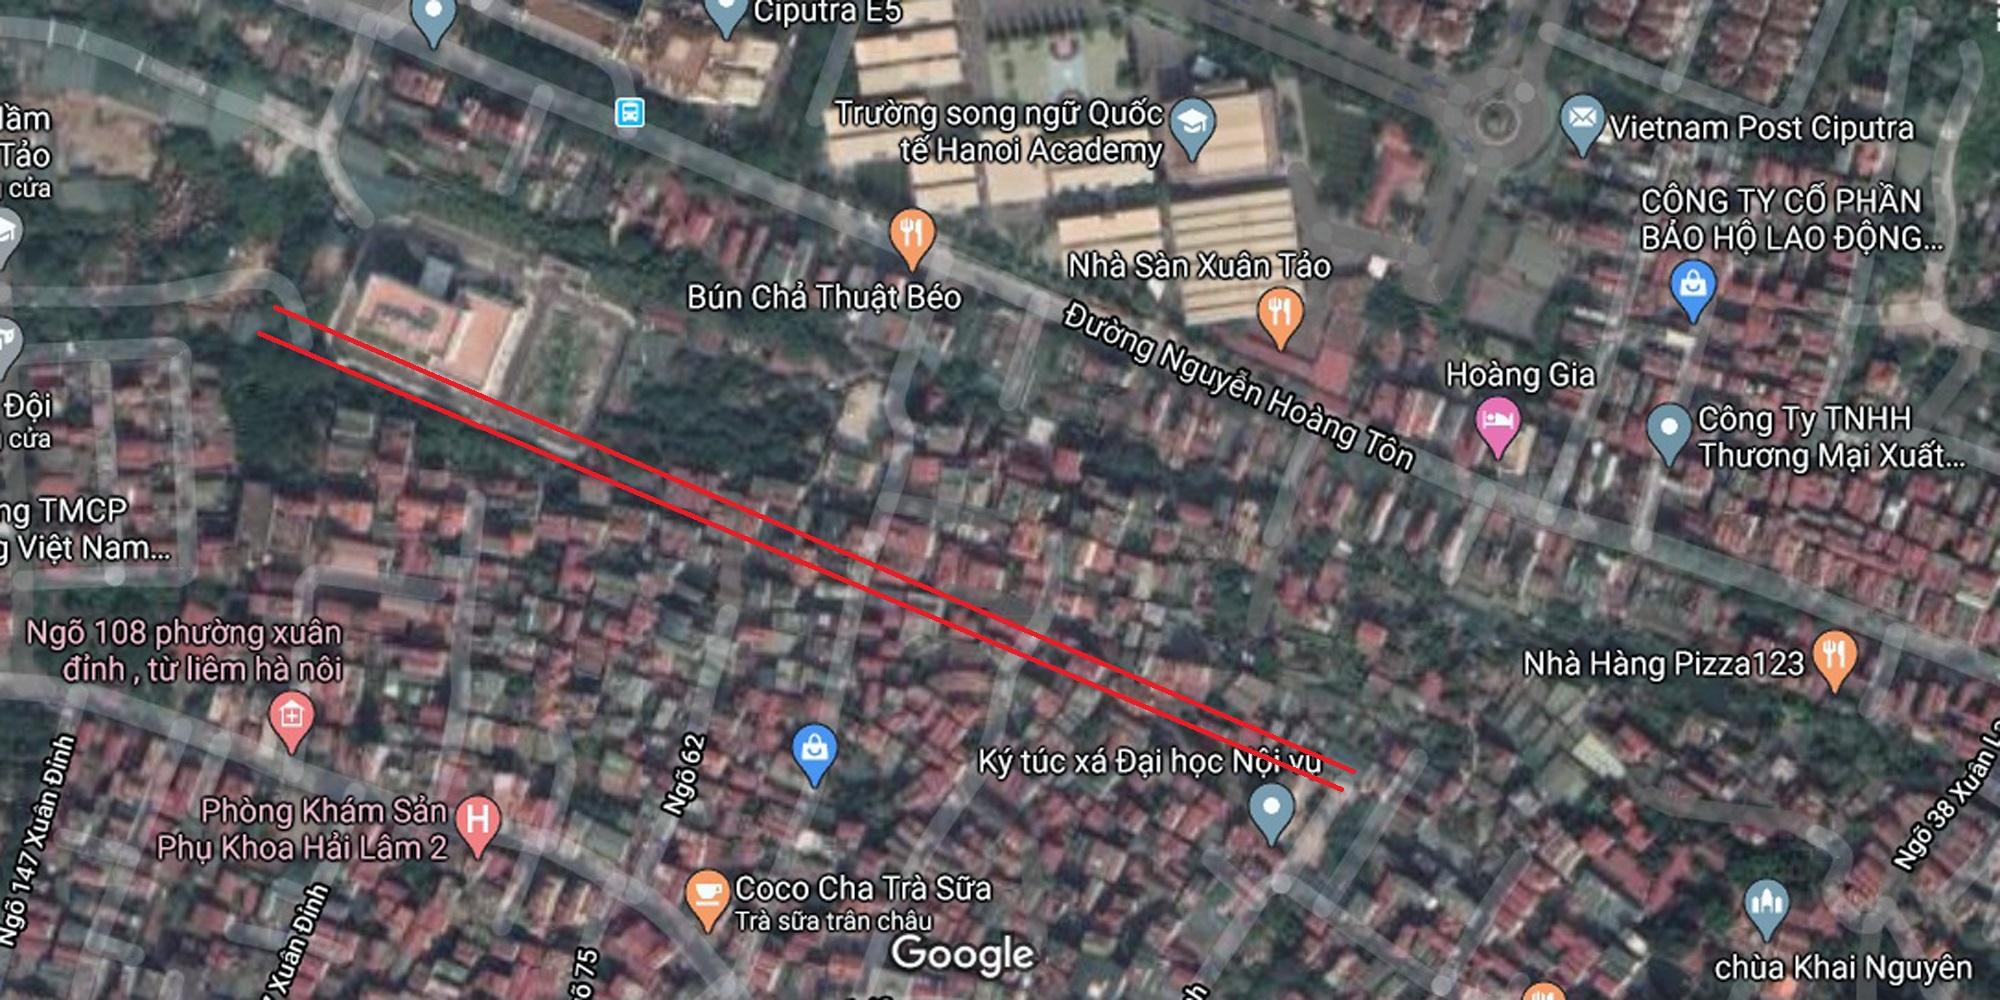 3 đường sẽ mở theo qui hoạch ở phường Xuân Tảo, Bắc Từ Liêm, Hà Nội - Ảnh 13.